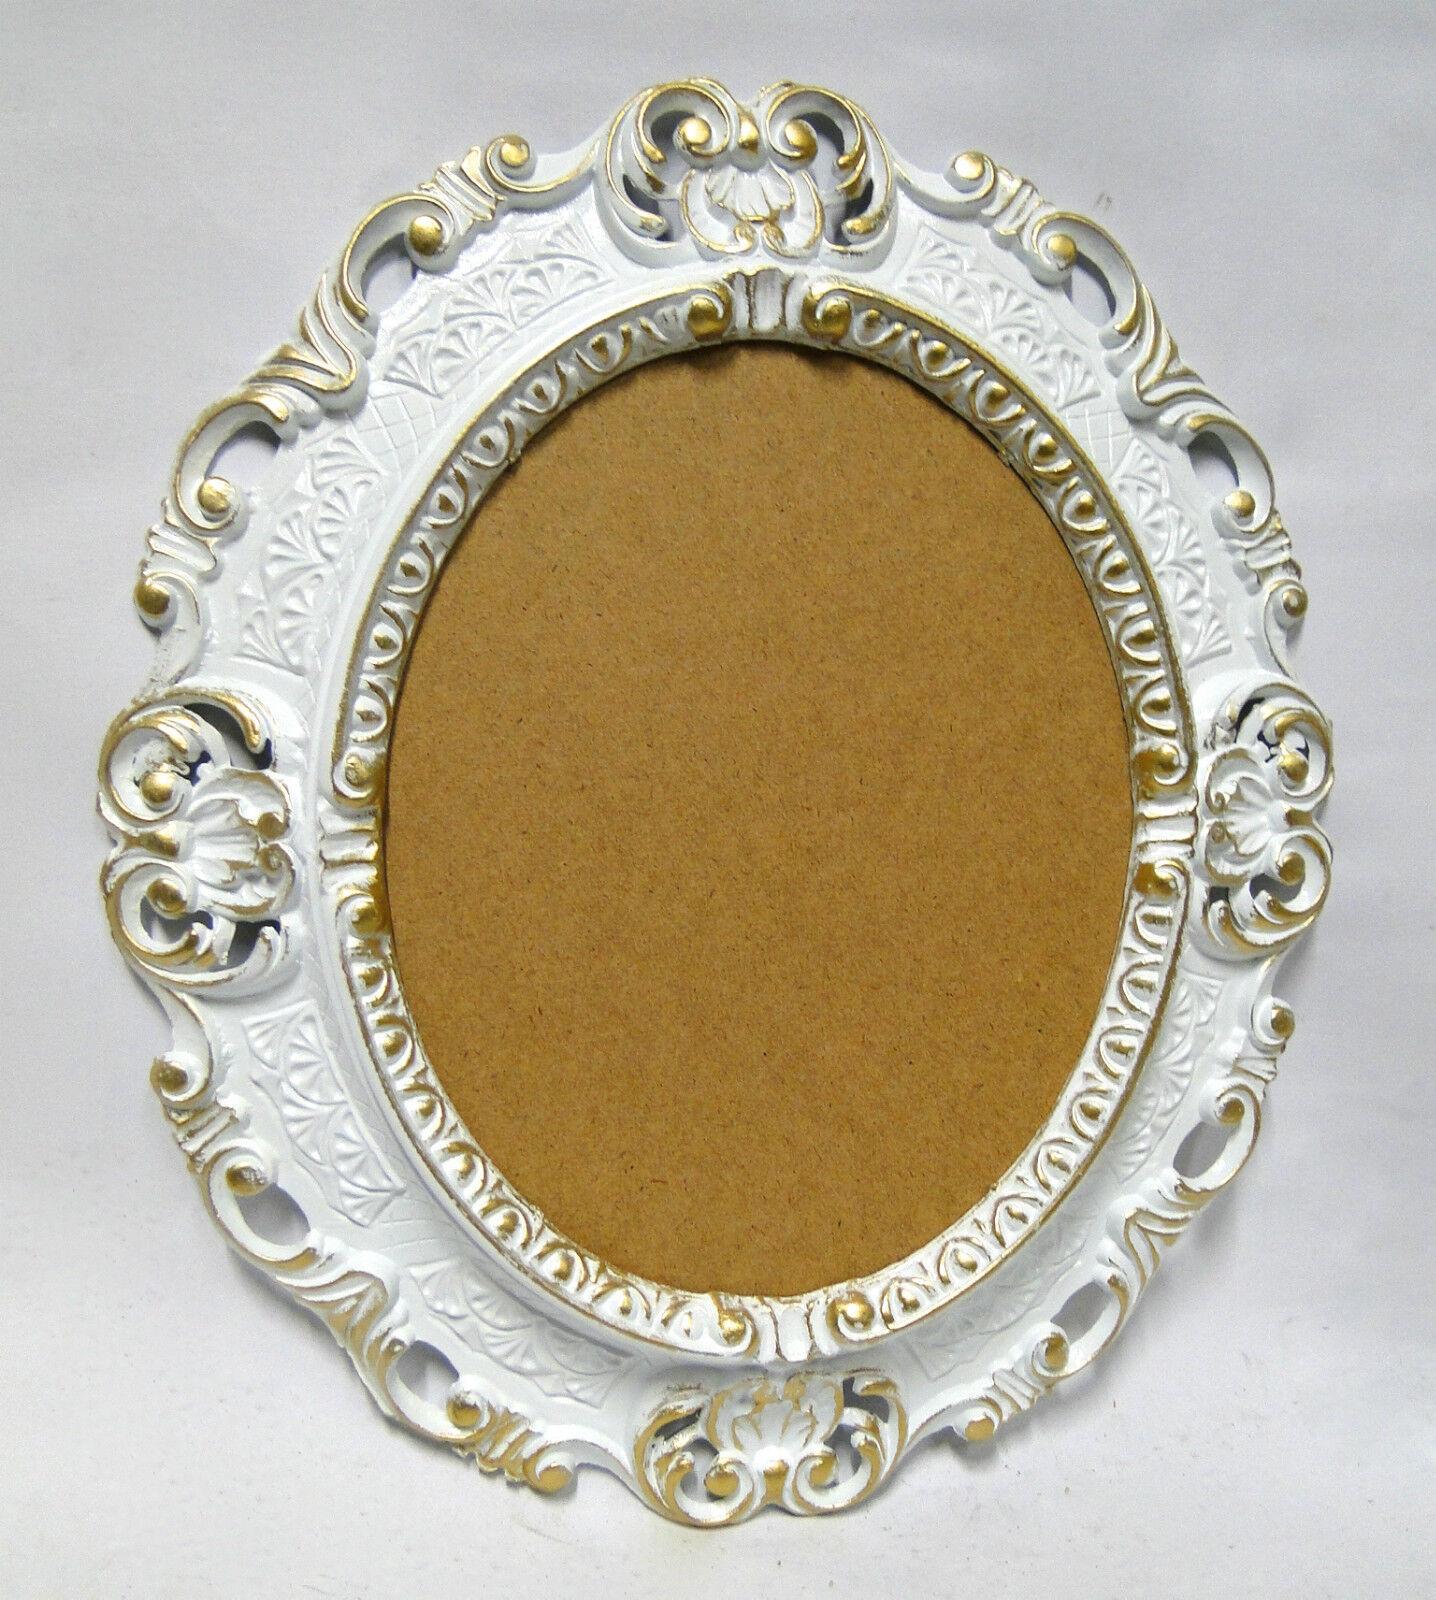 bilderrahmen oval wei gold antik barock fotorahmen 45x37 spiegelrahmen neu ebay. Black Bedroom Furniture Sets. Home Design Ideas